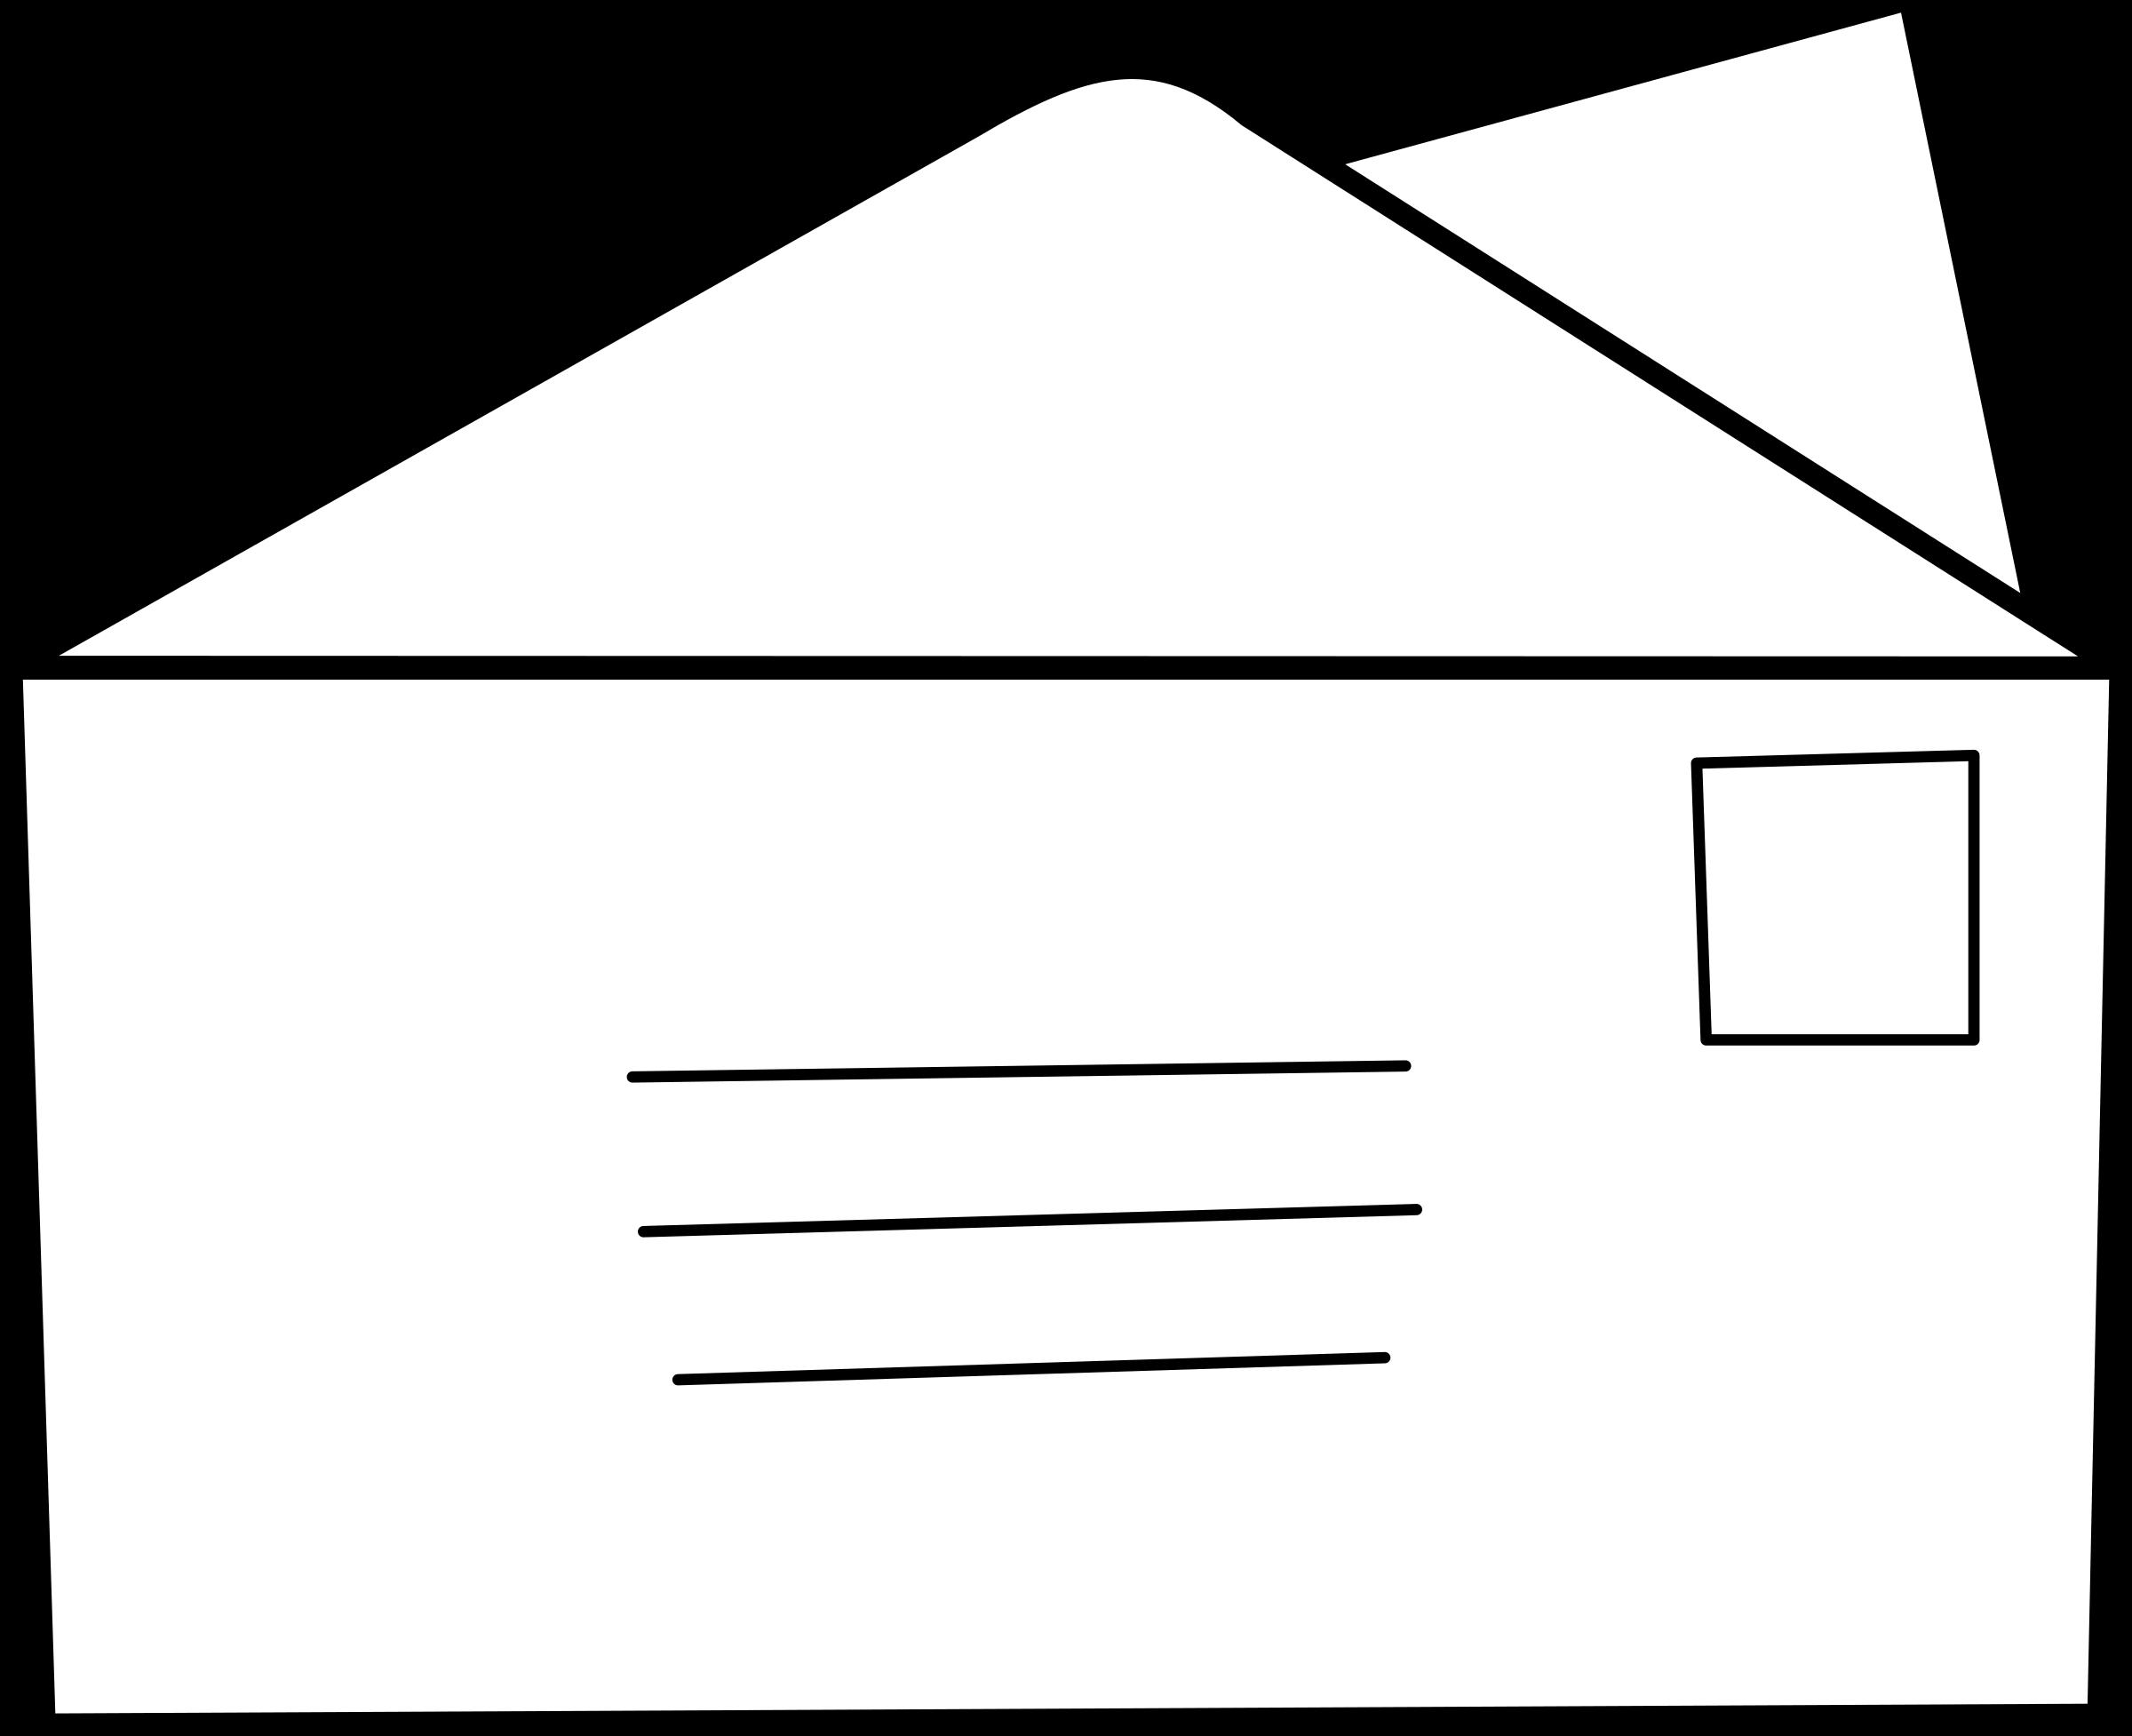 Envelope clipart application letter. Lettre big image png